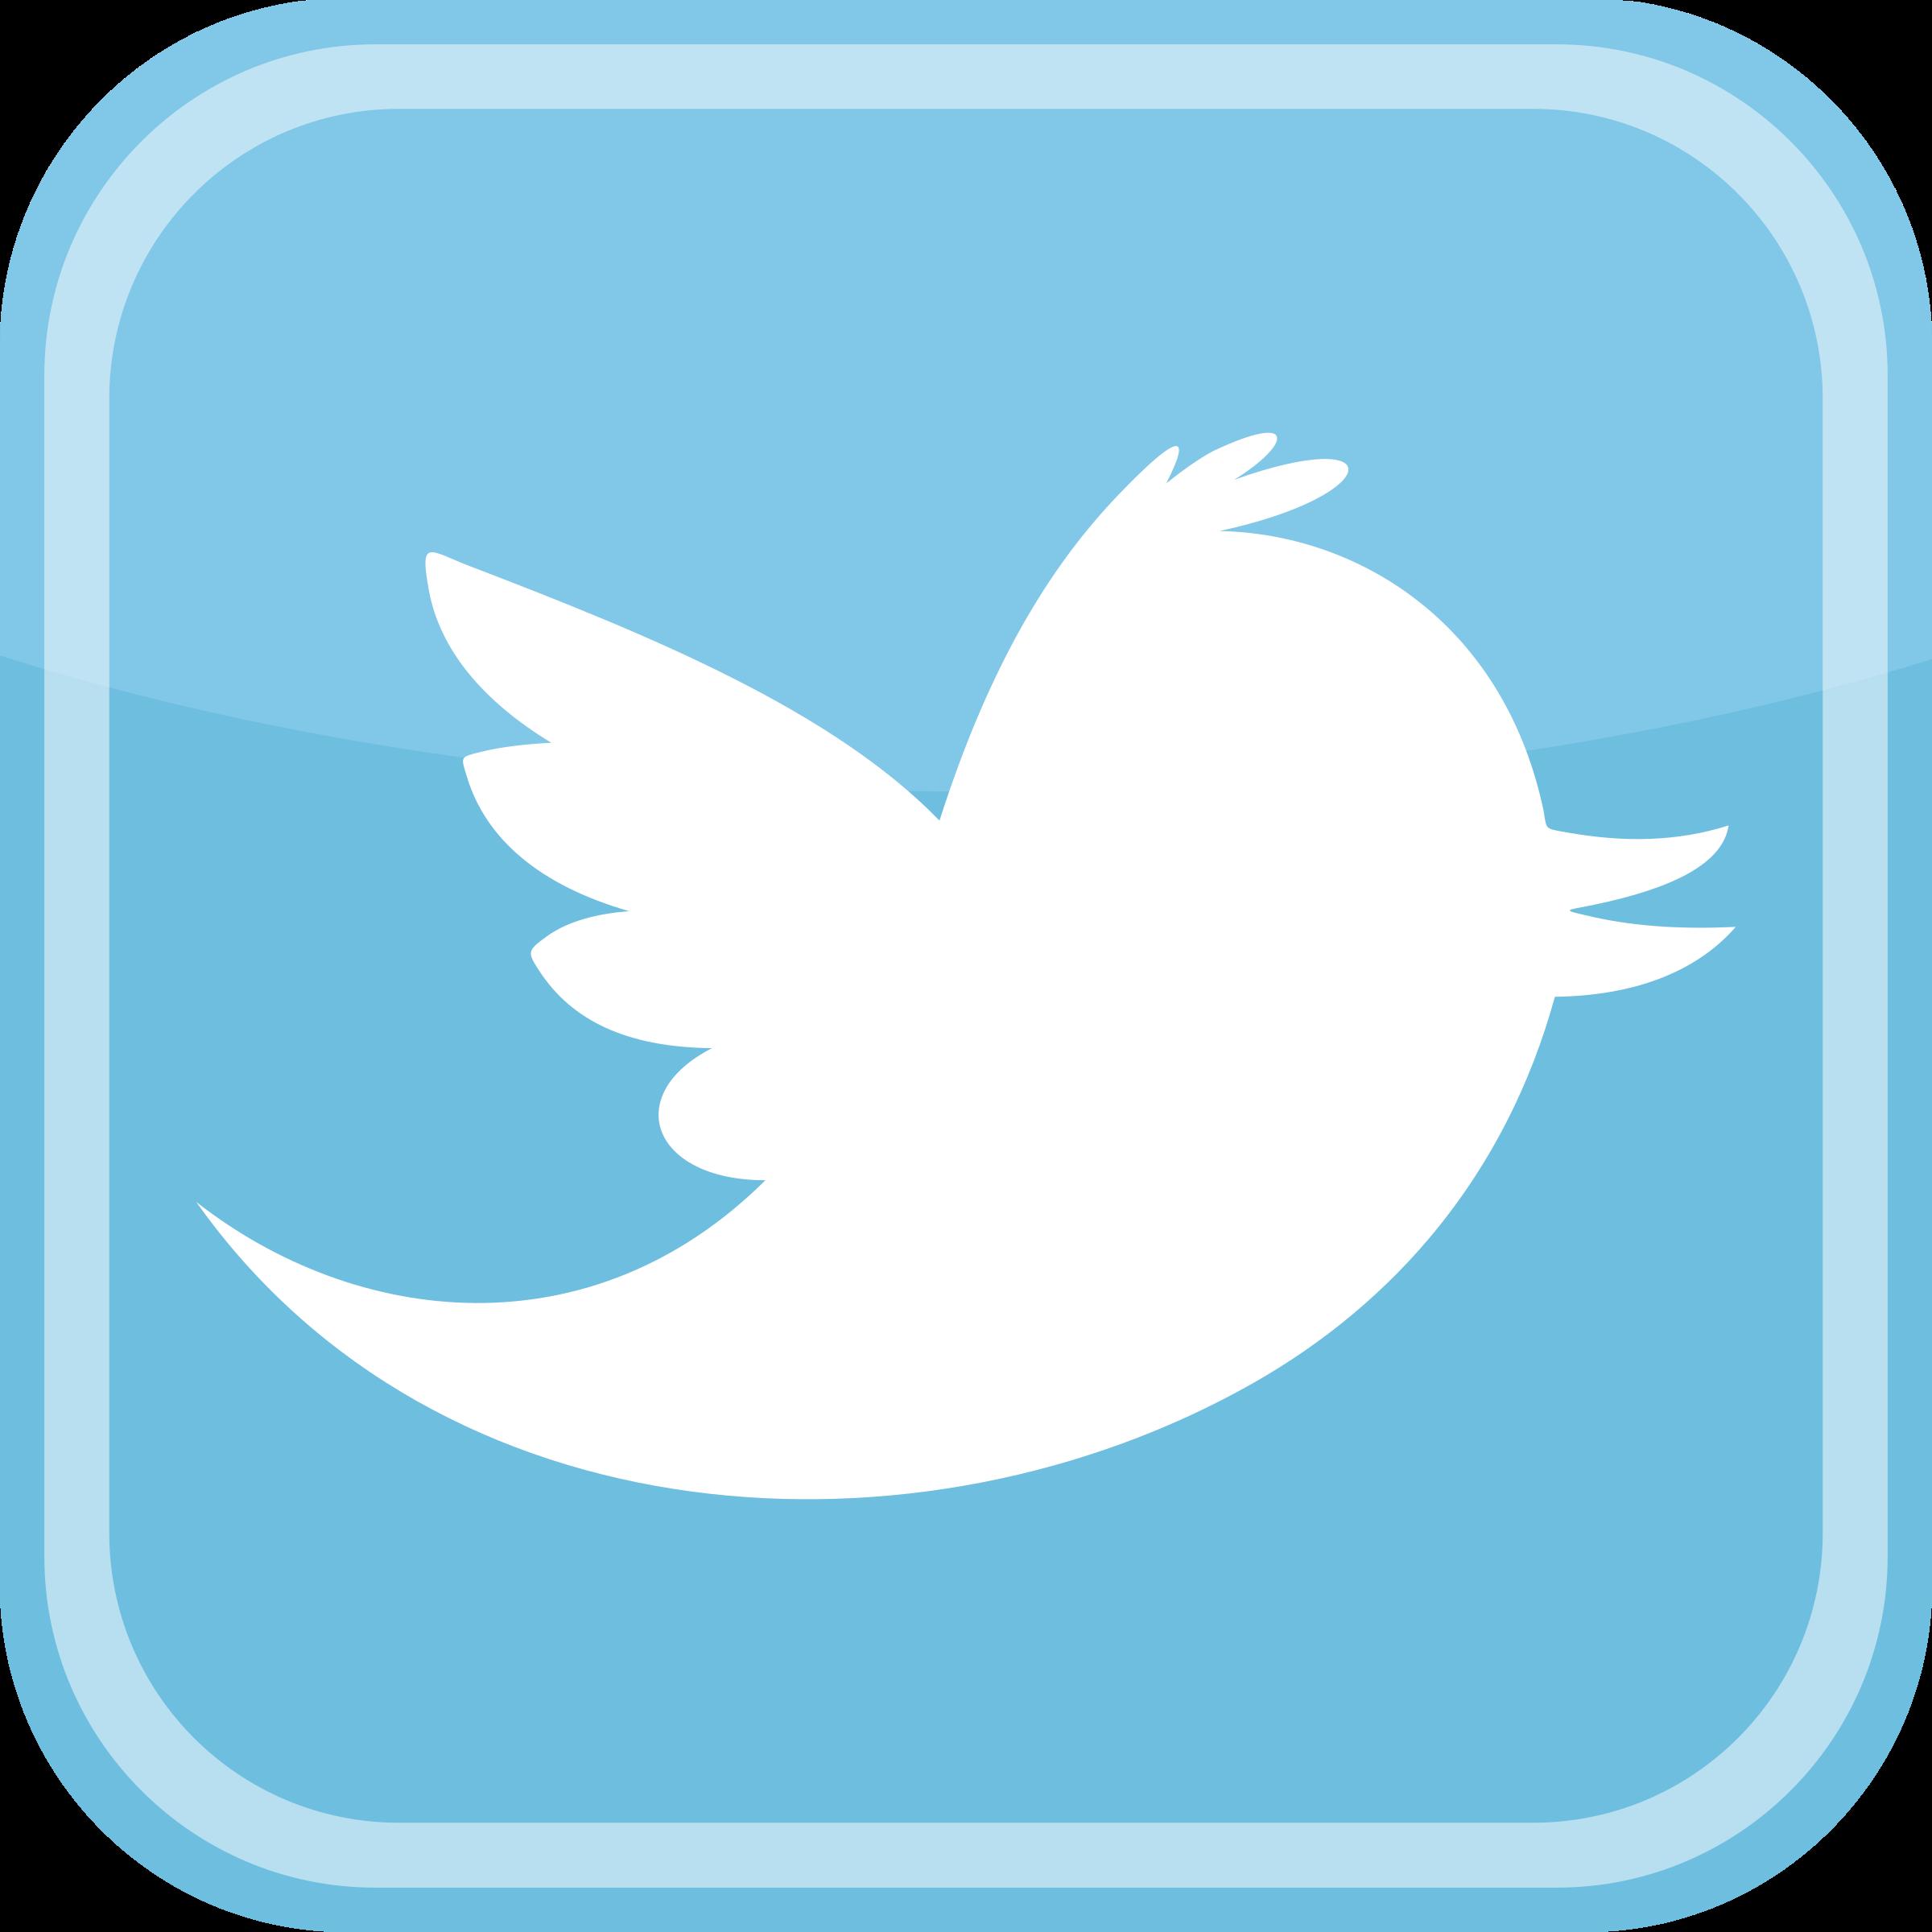 Twitter Logo PNG Transparent & SVG Vector.